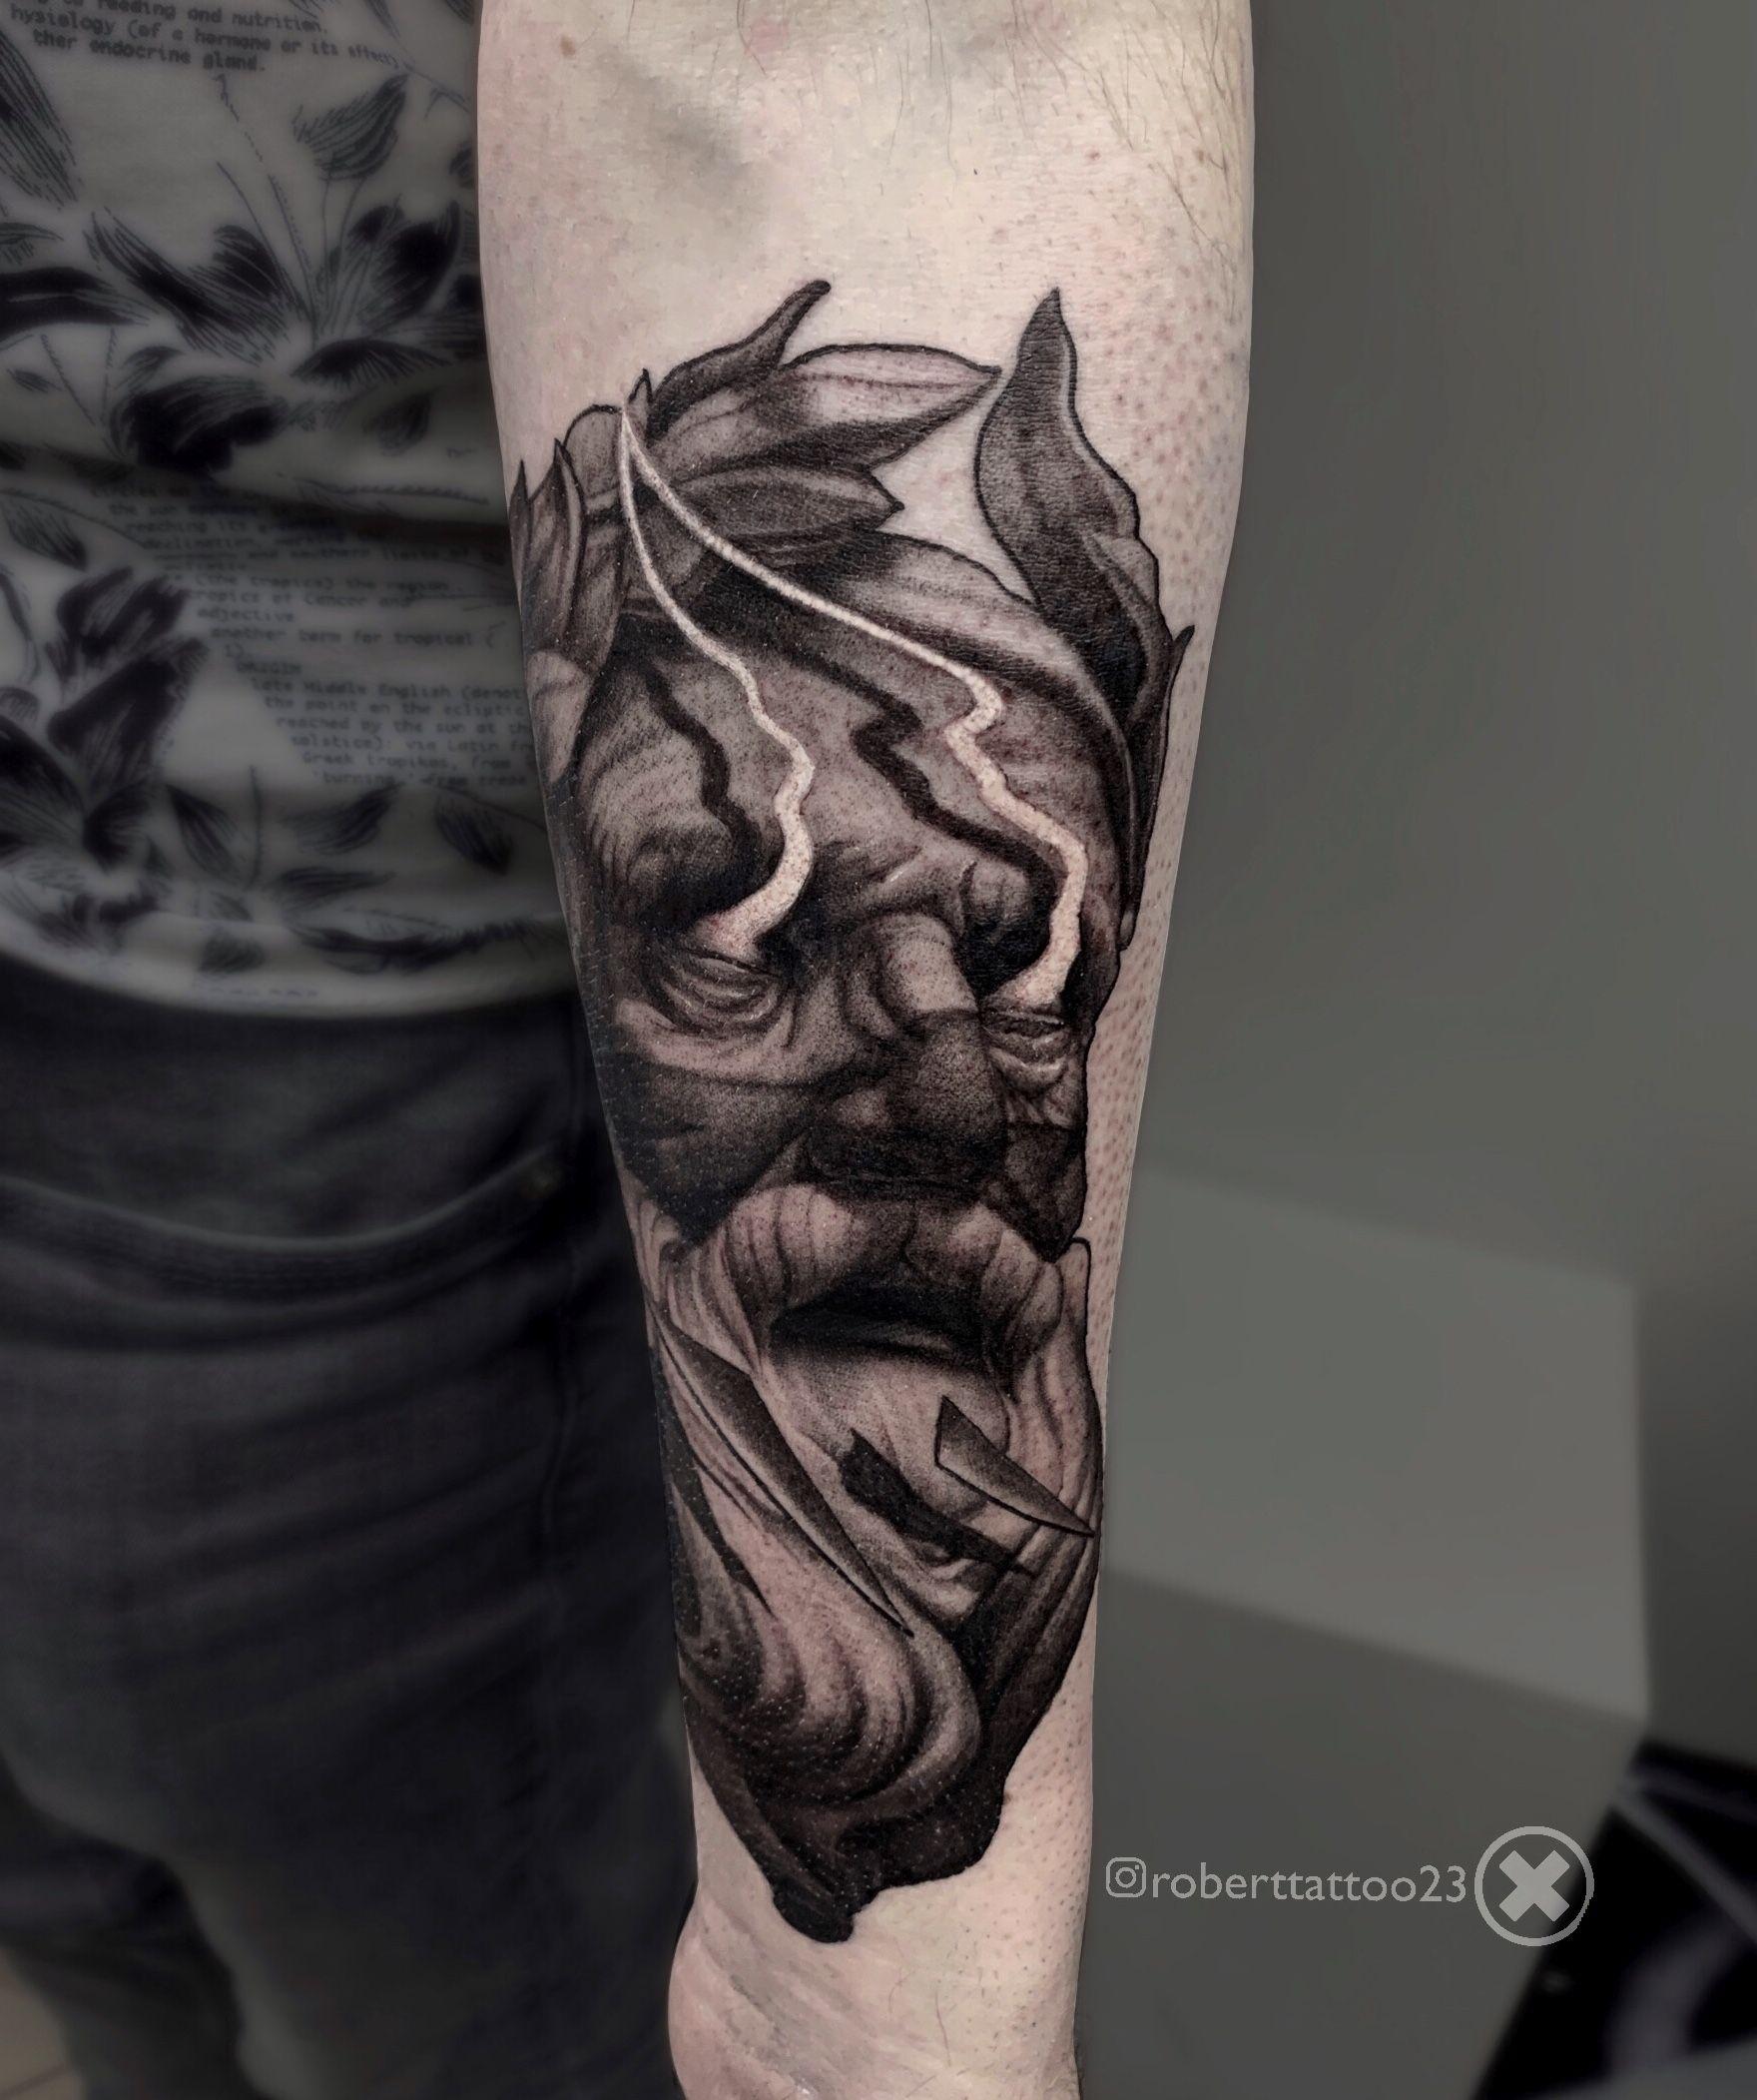 #roberttattoo23 #tattoospb #tattoosketch #tattoo #tattoos #tattooed #ink #spbtattoo #tattoogermany #tattoouk #tattoospain #darkartists #tattoomodel #tattoopoland #czechtattoo #blacktattoo #татуспб #swedentattoo #tattoorealism #tattoonederland #tattoomsk #татумск #татуэскиз #realistictattoo #татуспб #spb